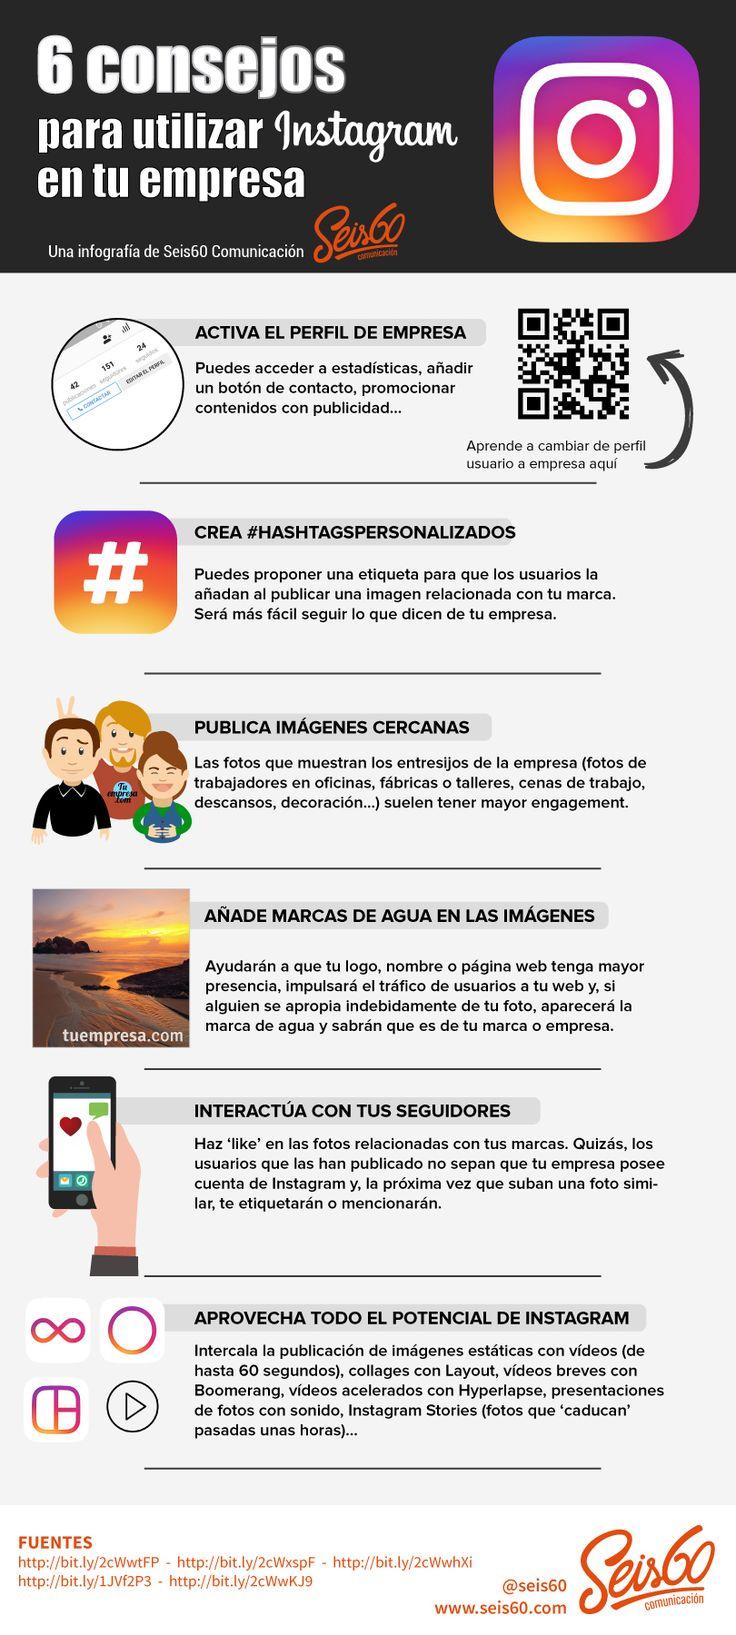 Consejos para utilizar Instagram en tu empresa #infografía